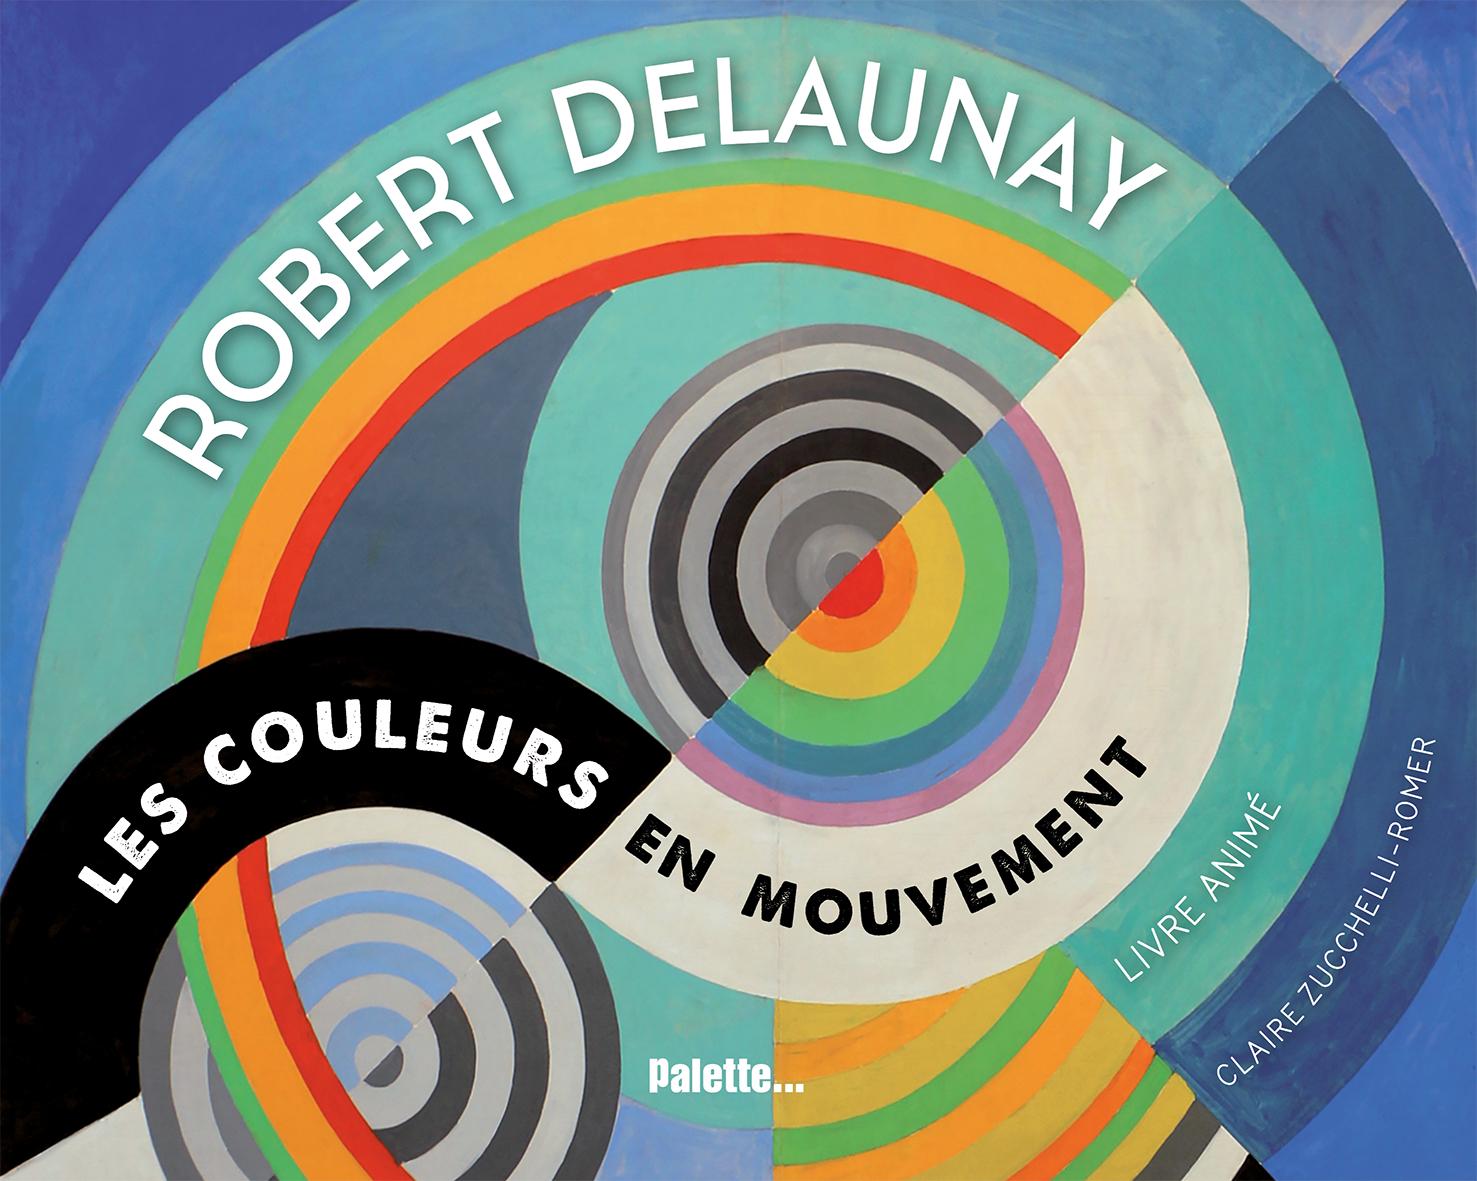 ROBERT DELAUNAY LES COULEURS EN MOUVEMENT